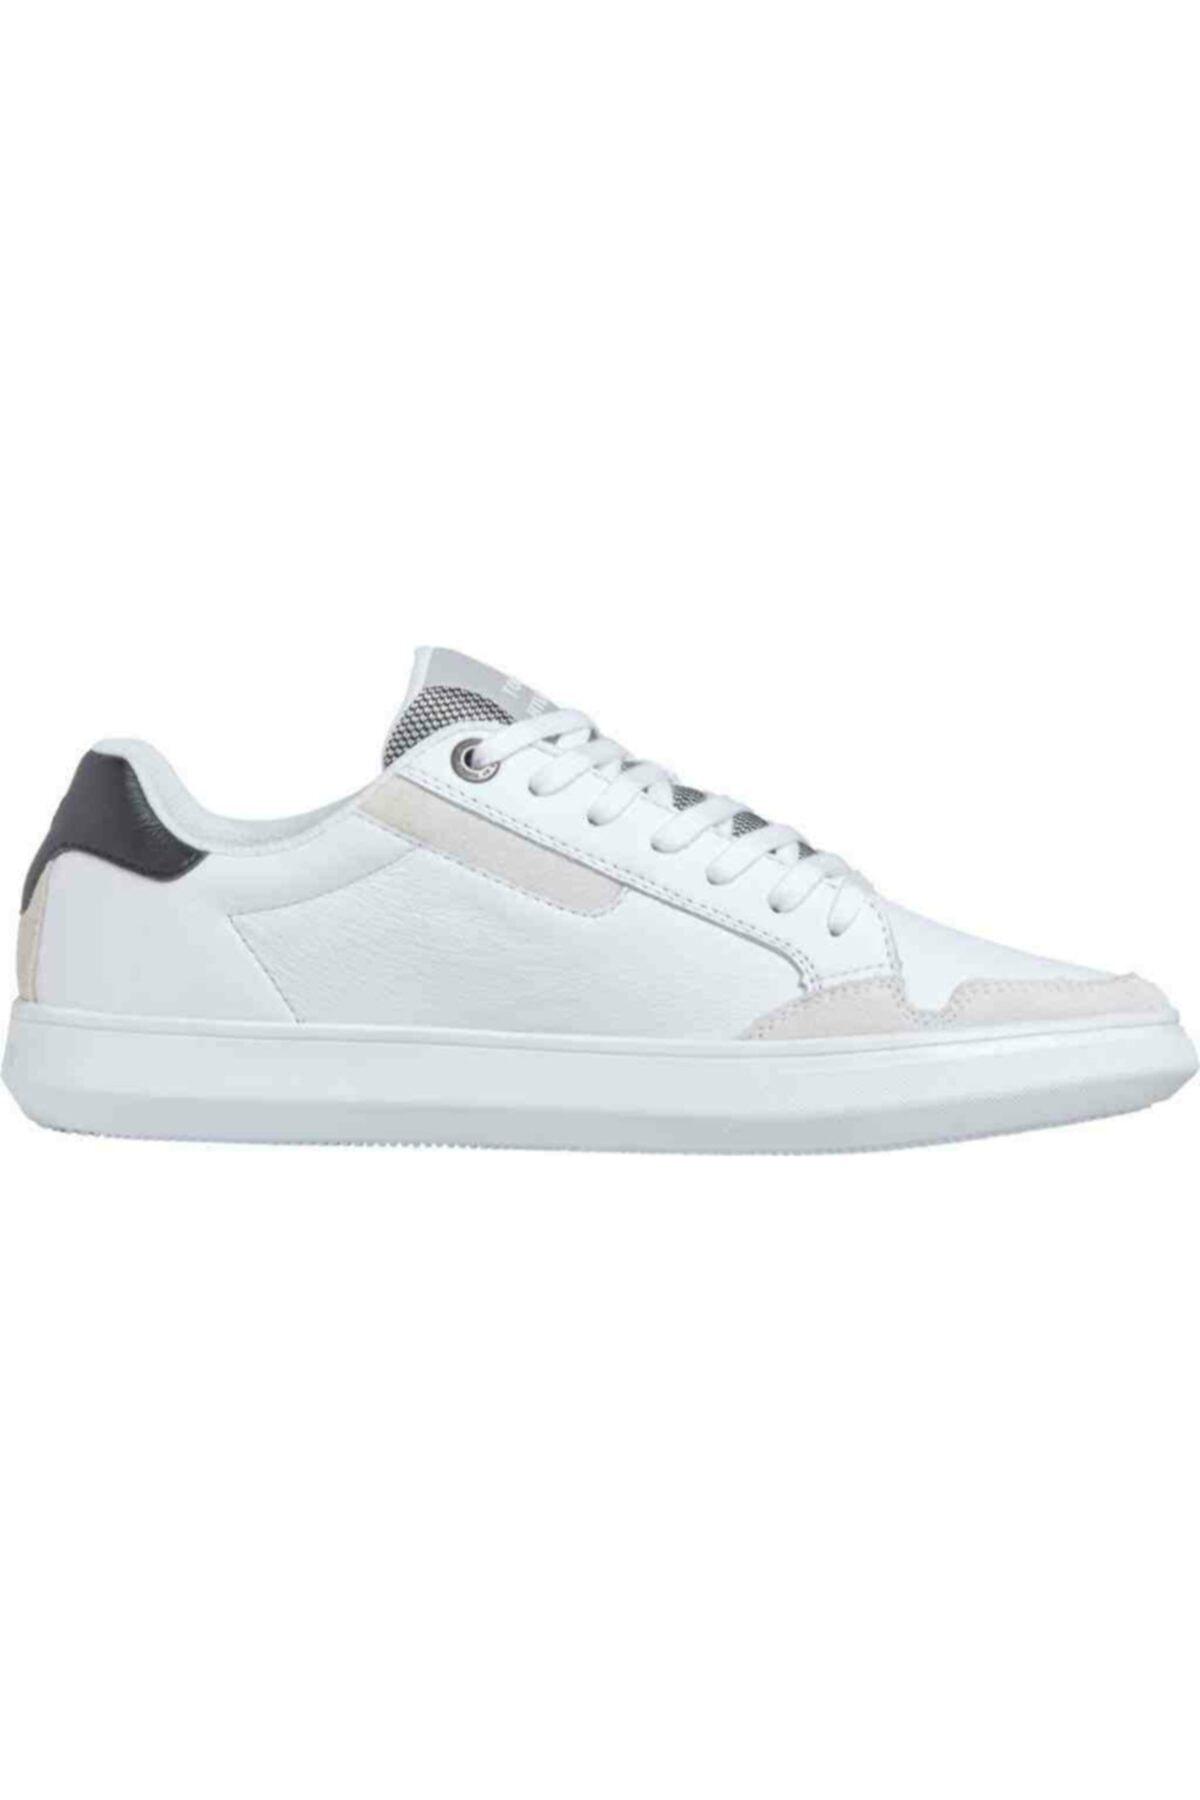 Tommy Hilfiger Th Erkek Essential Deri Cupsole Sneaker 1